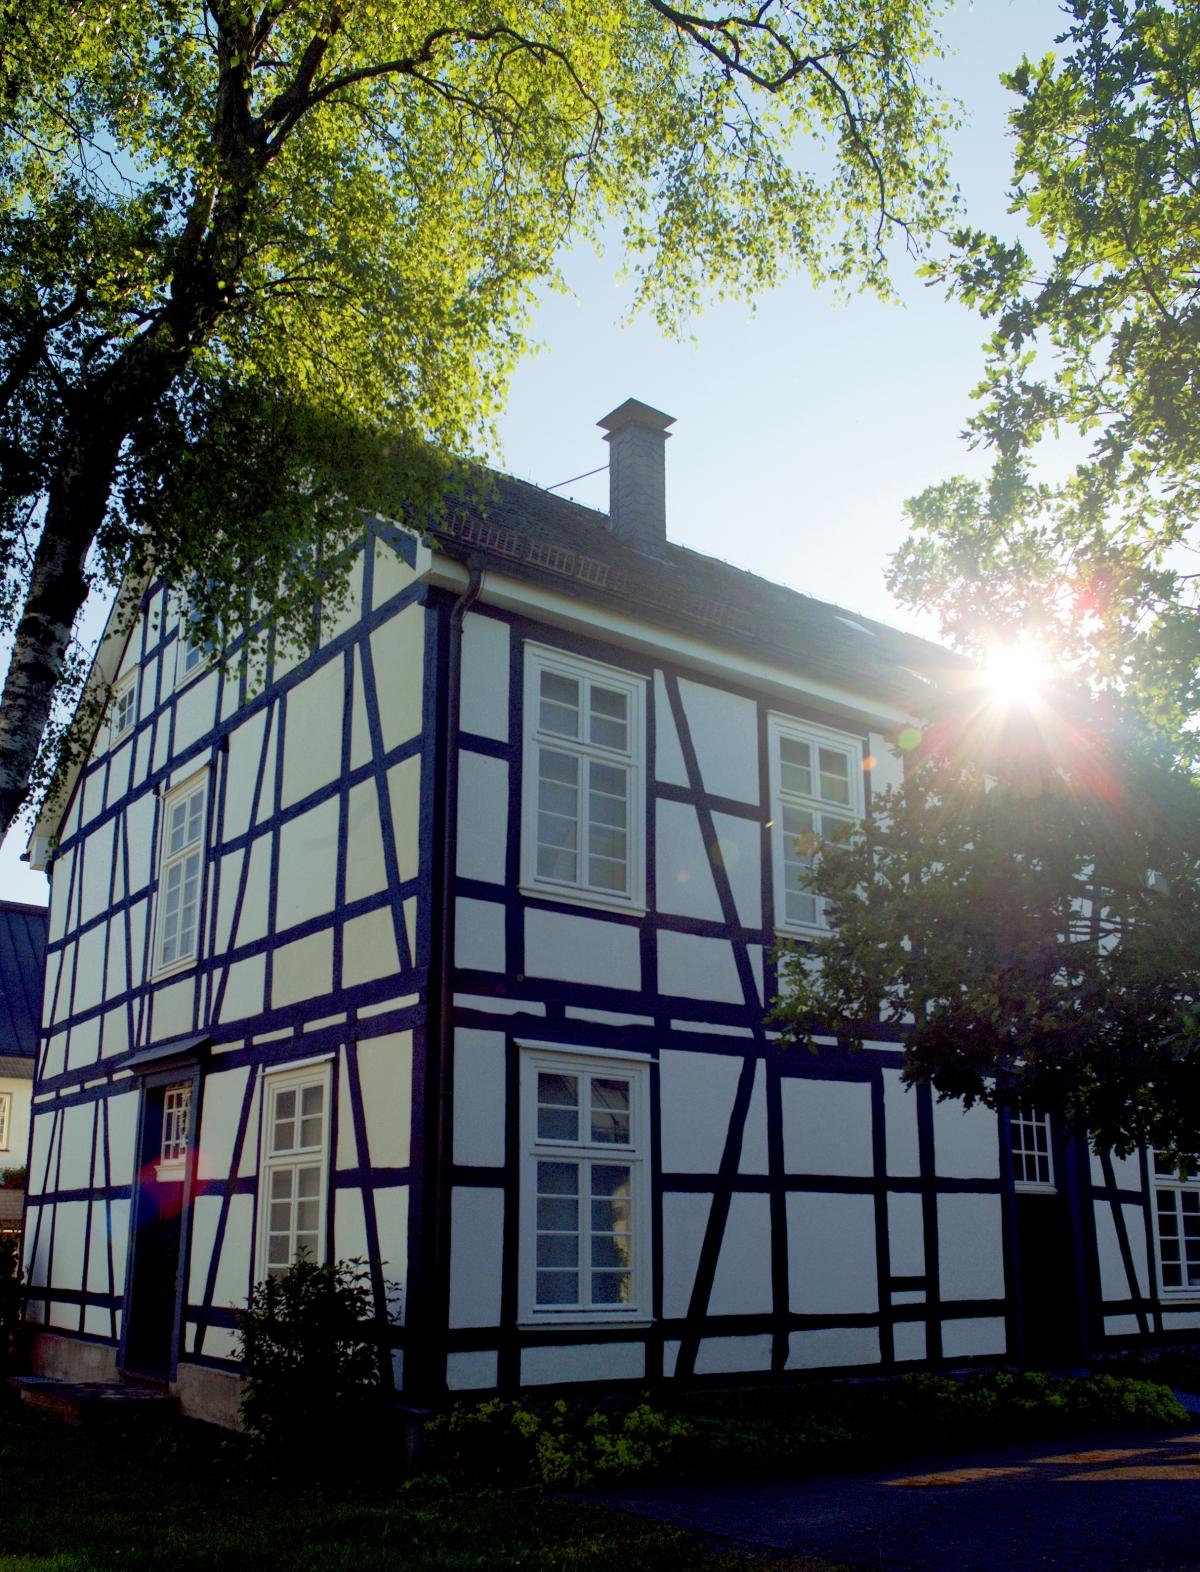 Städtisches Museum Medebach